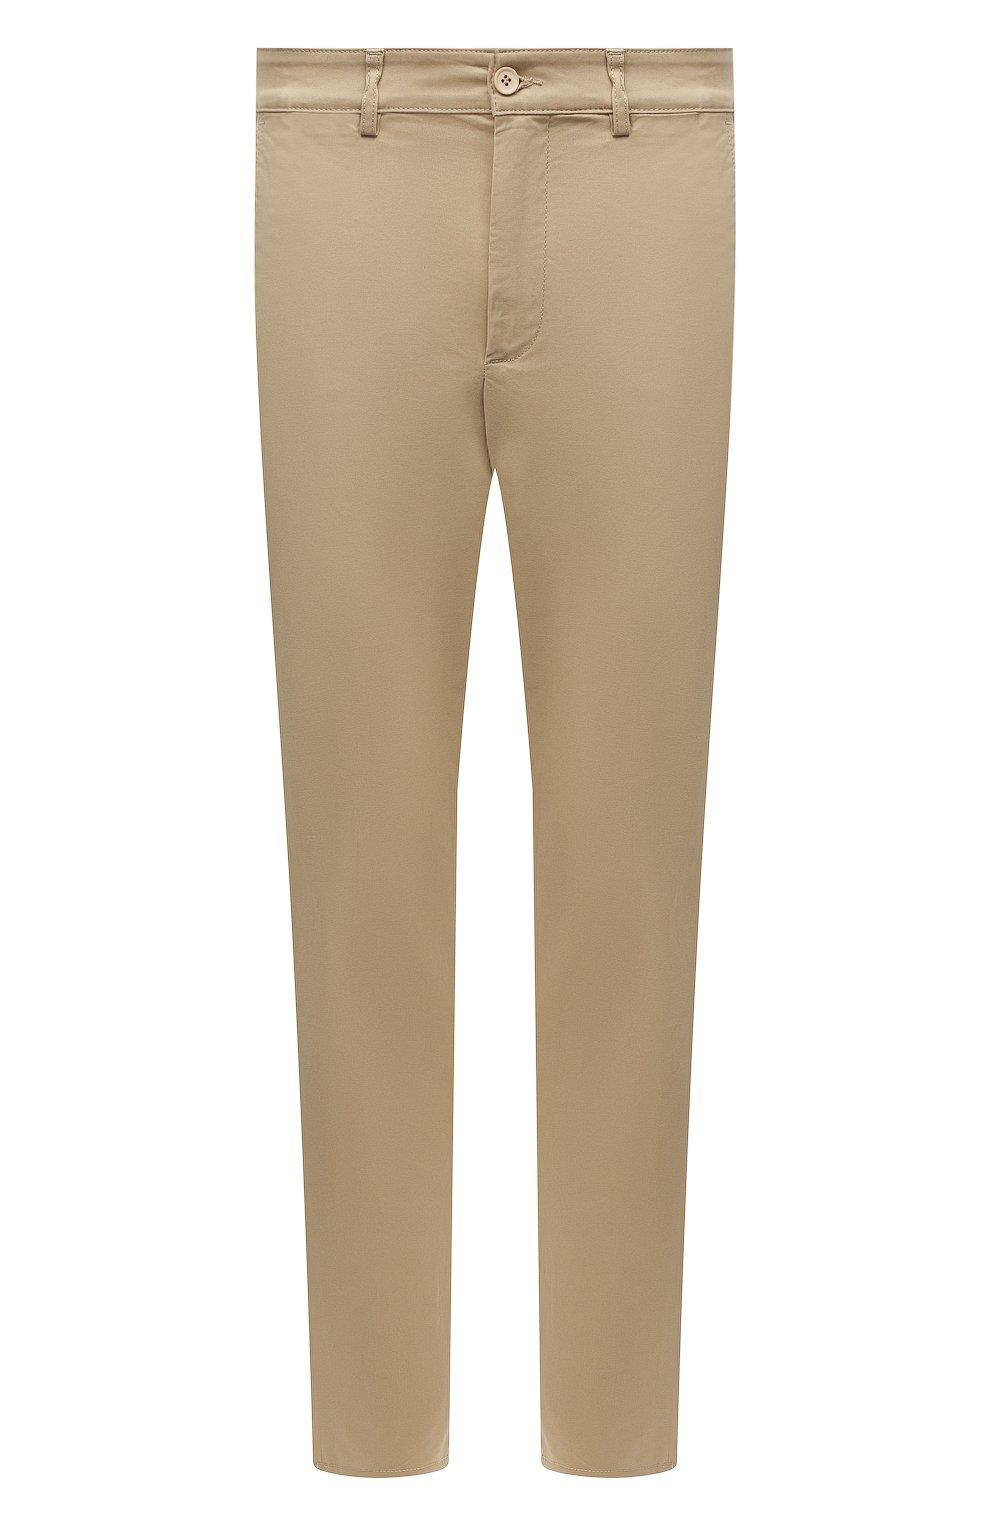 Мужские хлопковые брюки ASPESI бежевого цвета, арт. S1 A CP14 G398   Фото 1 (Силуэт М (брюки): Чиносы; Длина (брюки, джинсы): Стандартные; Случай: Повседневный; Материал внешний: Хлопок; Стили: Минимализм)